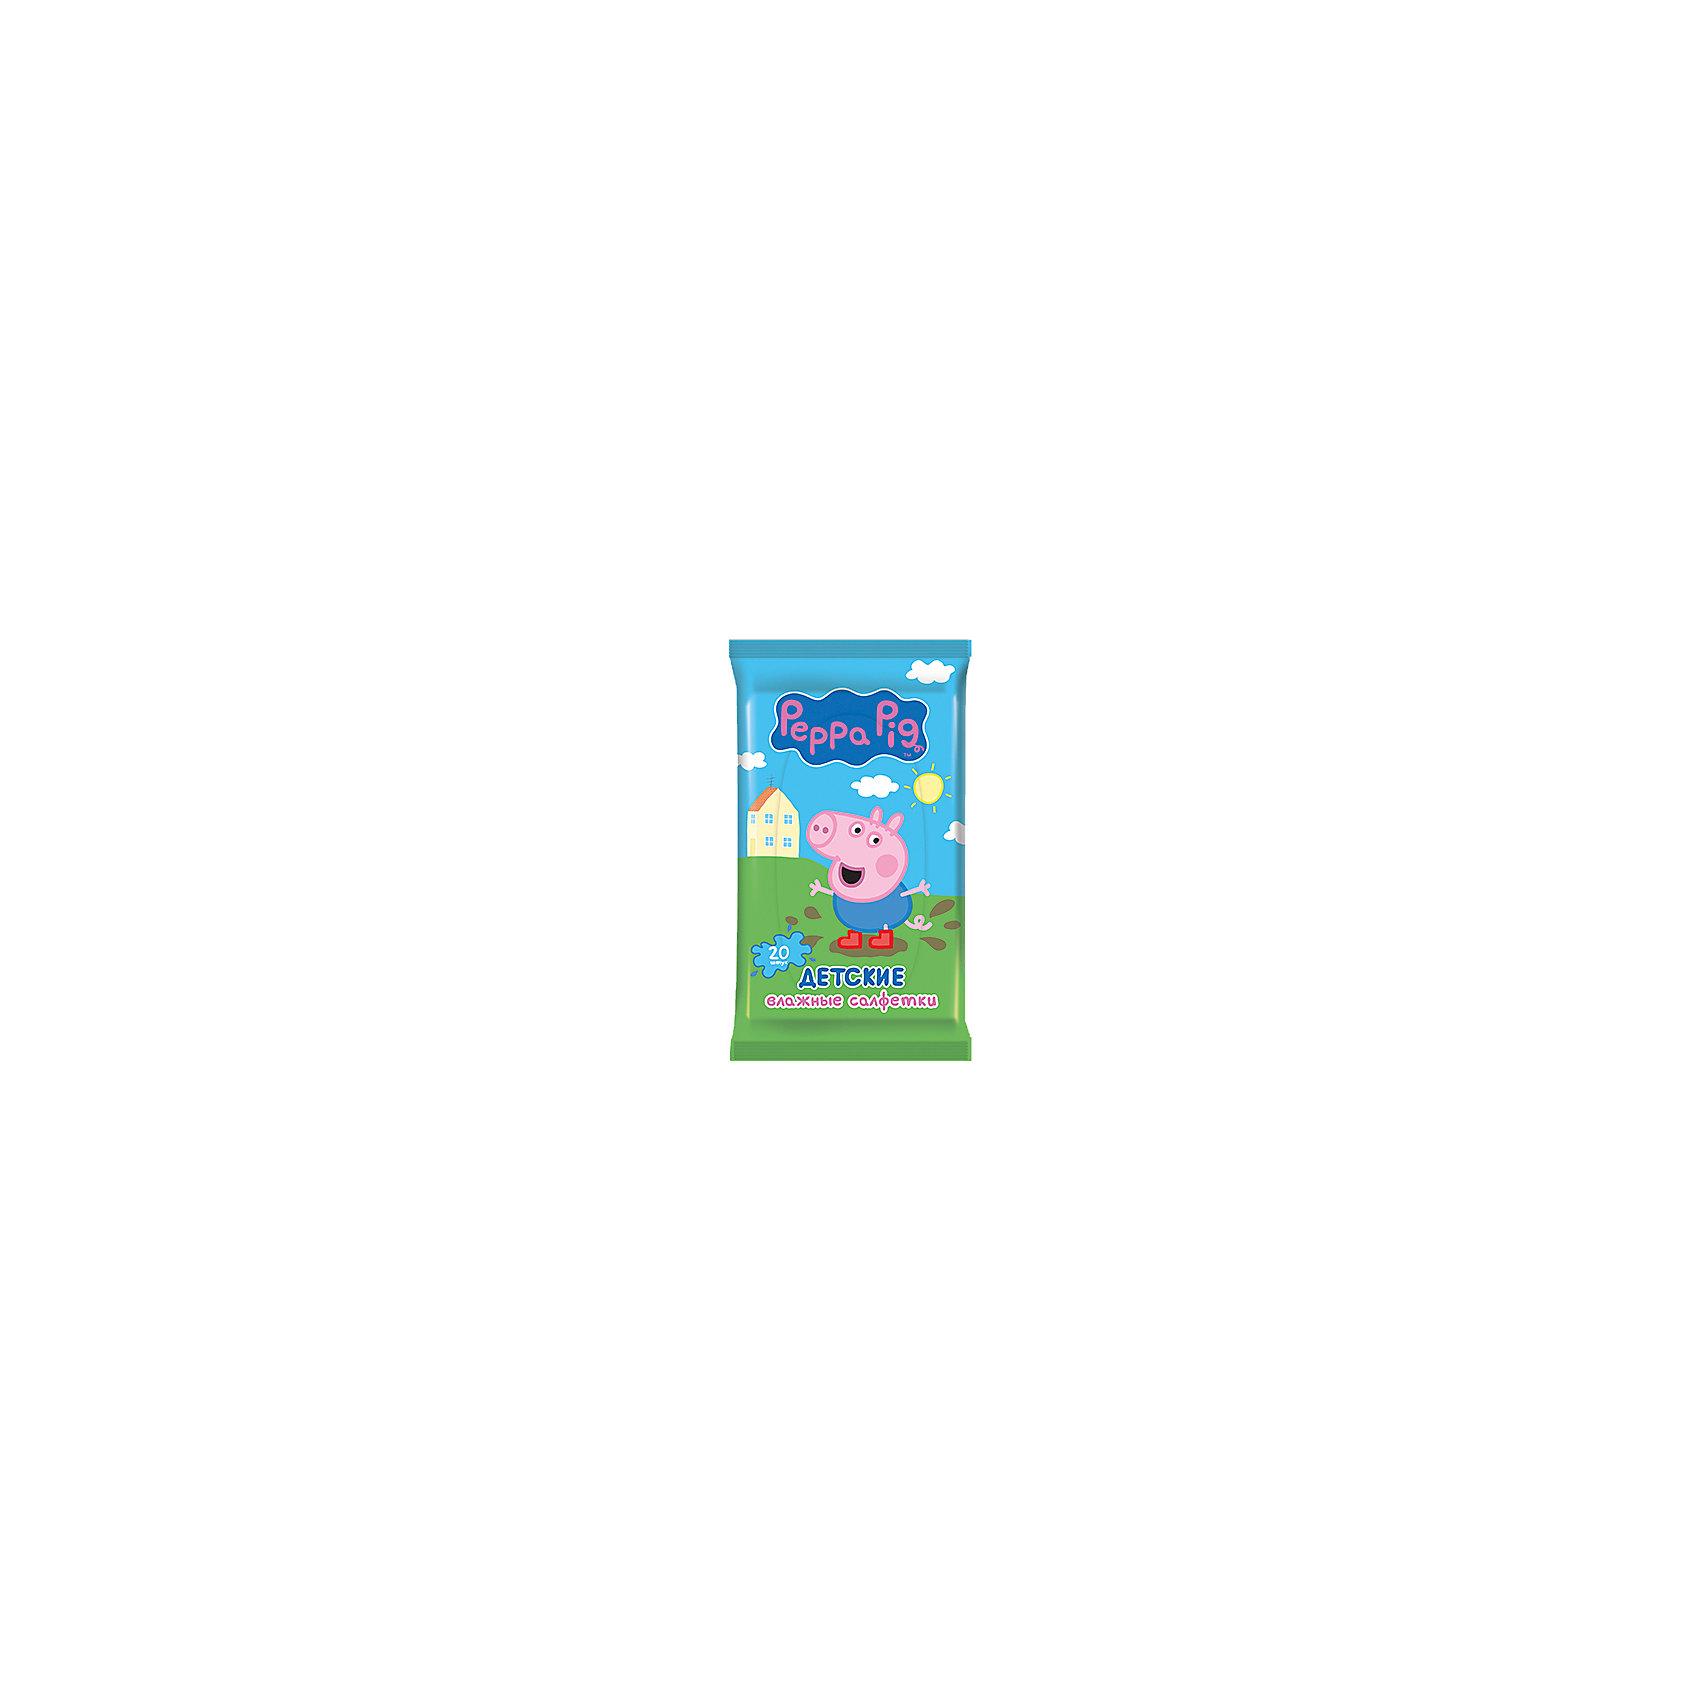 Детские влажные салфетки Peppa Pig 20 шт, АвангардХарактеристики:<br><br>• Коллекция: Свинка Пеппа<br>• Материал: нетканый материал, лосьон<br>• Количество в упаковке: 20 штук<br>• Не содержат спирта<br>• Яркая герметичная упаковка с клапаном<br>• В состав пропитки входит отдушка Bubble Gum<br>• Вес: 100 г<br>• Размеры (Д*Ш*В): 8*15*2 см<br><br>Материал является гипоаллергенным, не раздражает нежную детскую кожу, длительное время удерживает влагу, благодаря чему салфетки сохраняют свои свойства. При использовании не изменяют pH уровень кожи. Салфетки имеют компактную упаковку с клапаном, который обеспечивает герметичность и защищает от пересыхания. Уникальный состав пропитки, в состав которой входит отдушка Bubble Gum, позволяет легко и быстро очистить и освежить кожу.<br><br>Детские влажные салфетки Peppa Pig 20 шт, Авангард можно купить в нашем интернет-магазине.<br><br>Ширина мм: 80<br>Глубина мм: 150<br>Высота мм: 20<br>Вес г: 100<br>Возраст от месяцев: 0<br>Возраст до месяцев: 84<br>Пол: Унисекс<br>Возраст: Детский<br>SKU: 5489920